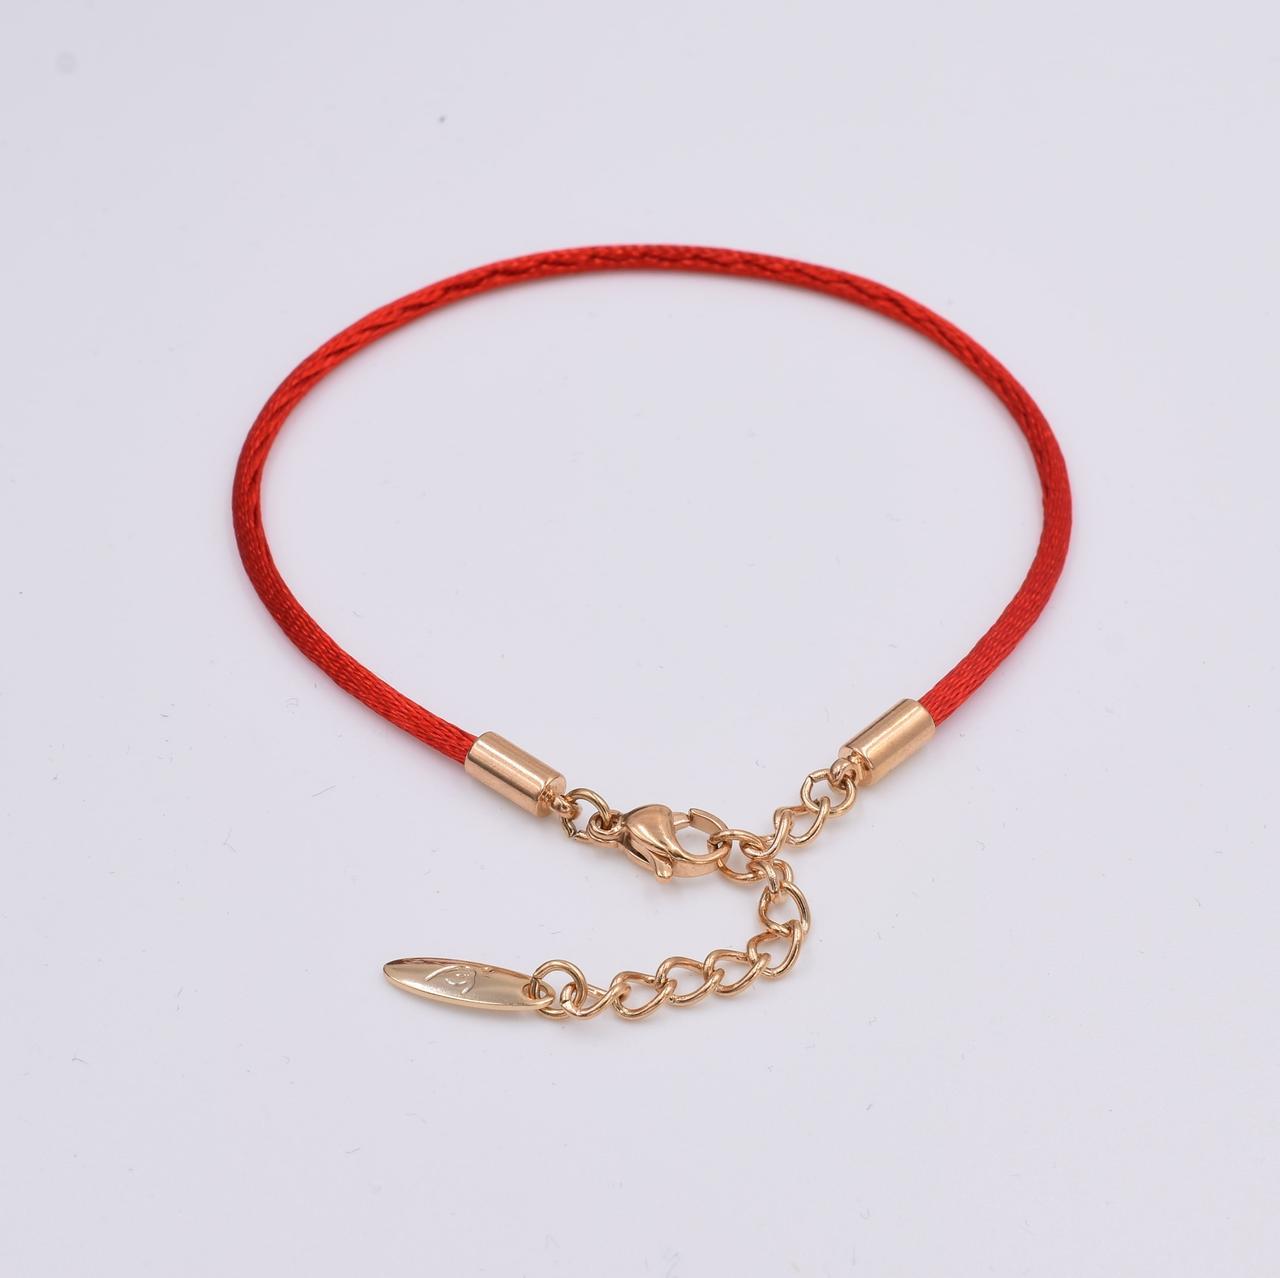 Браслет Xuping красная нить 30201 длина 18+4 см ширина 3 мм вес 2.0 г позолота 18К